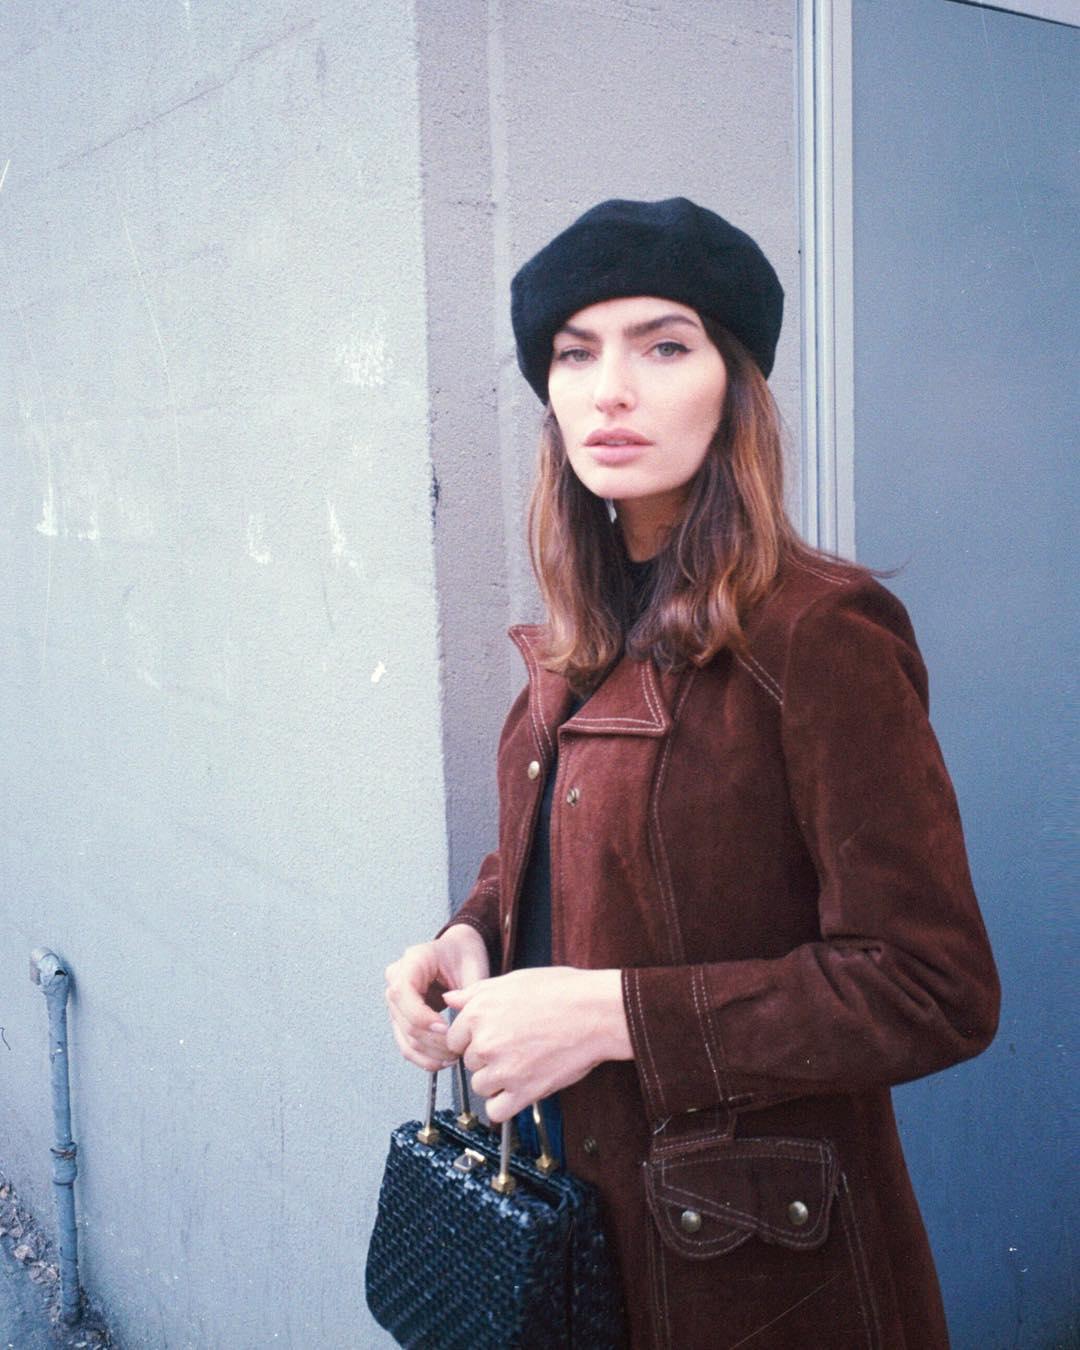 Alyssa-Miller-Wallpapers-Insta-Fit-Bio-6